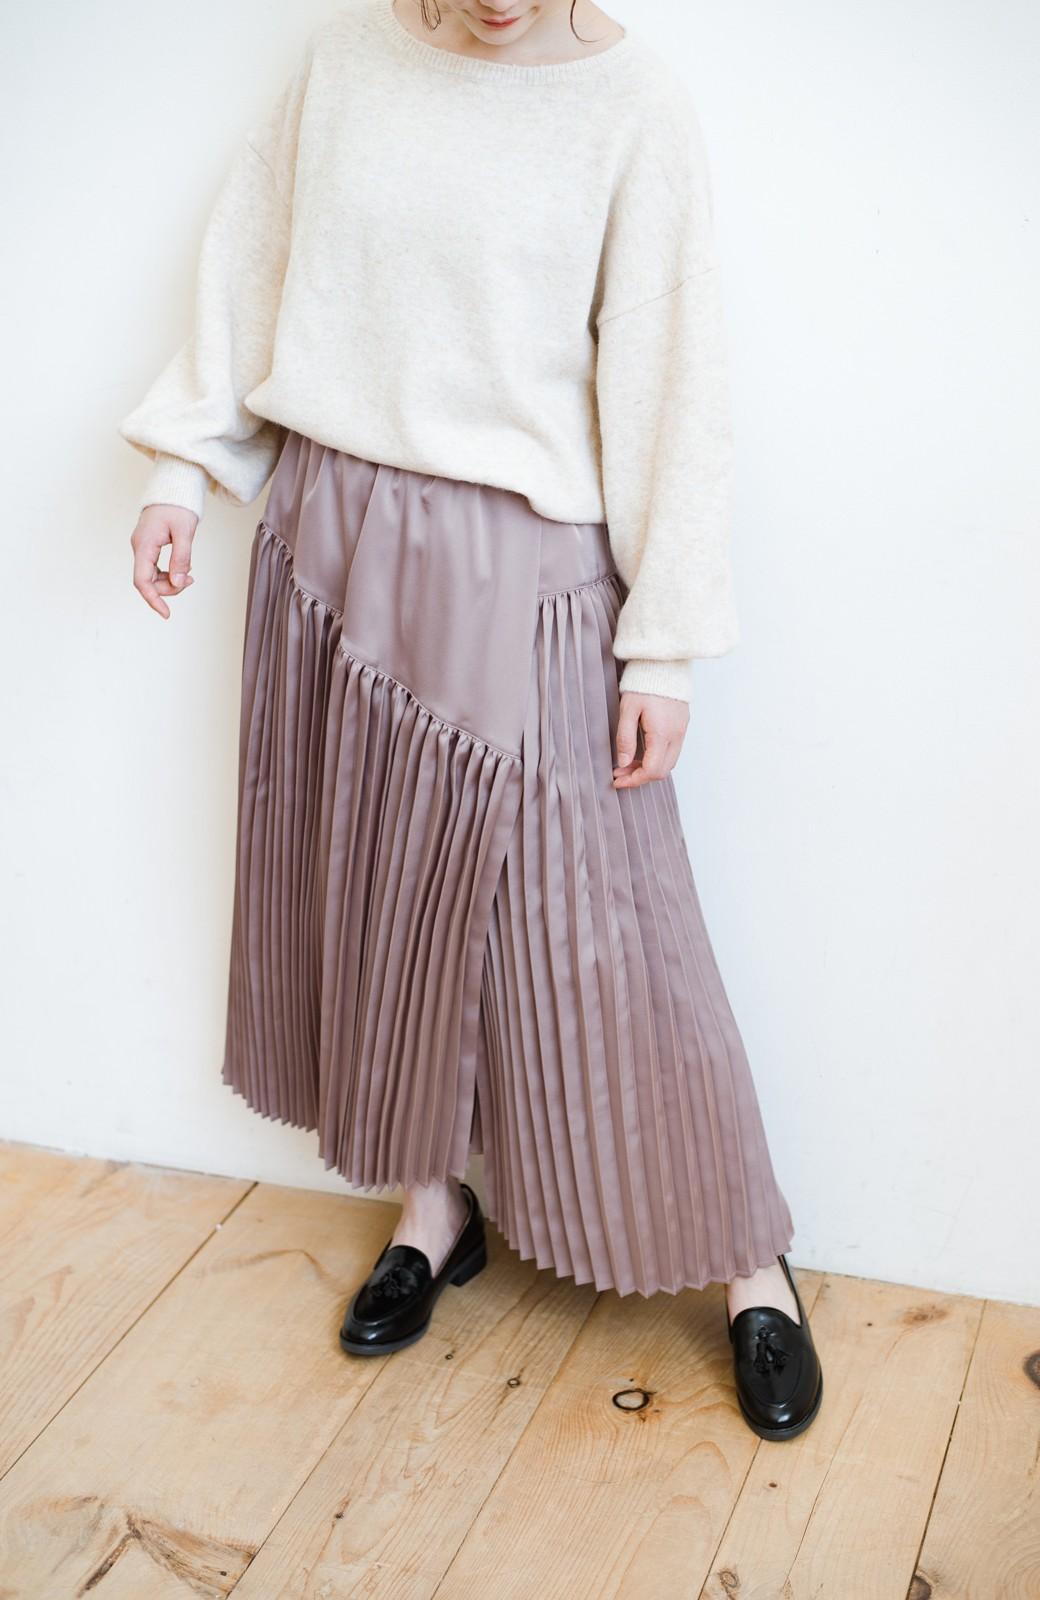 haco! 【スザンヌさんコラボ】スウェットもTシャツも着映えさせる!ラップデザイン風アシンメトリーサテンプリーツスカート by LOVE&PEACE PROJECT <スモークピンク>の商品写真17